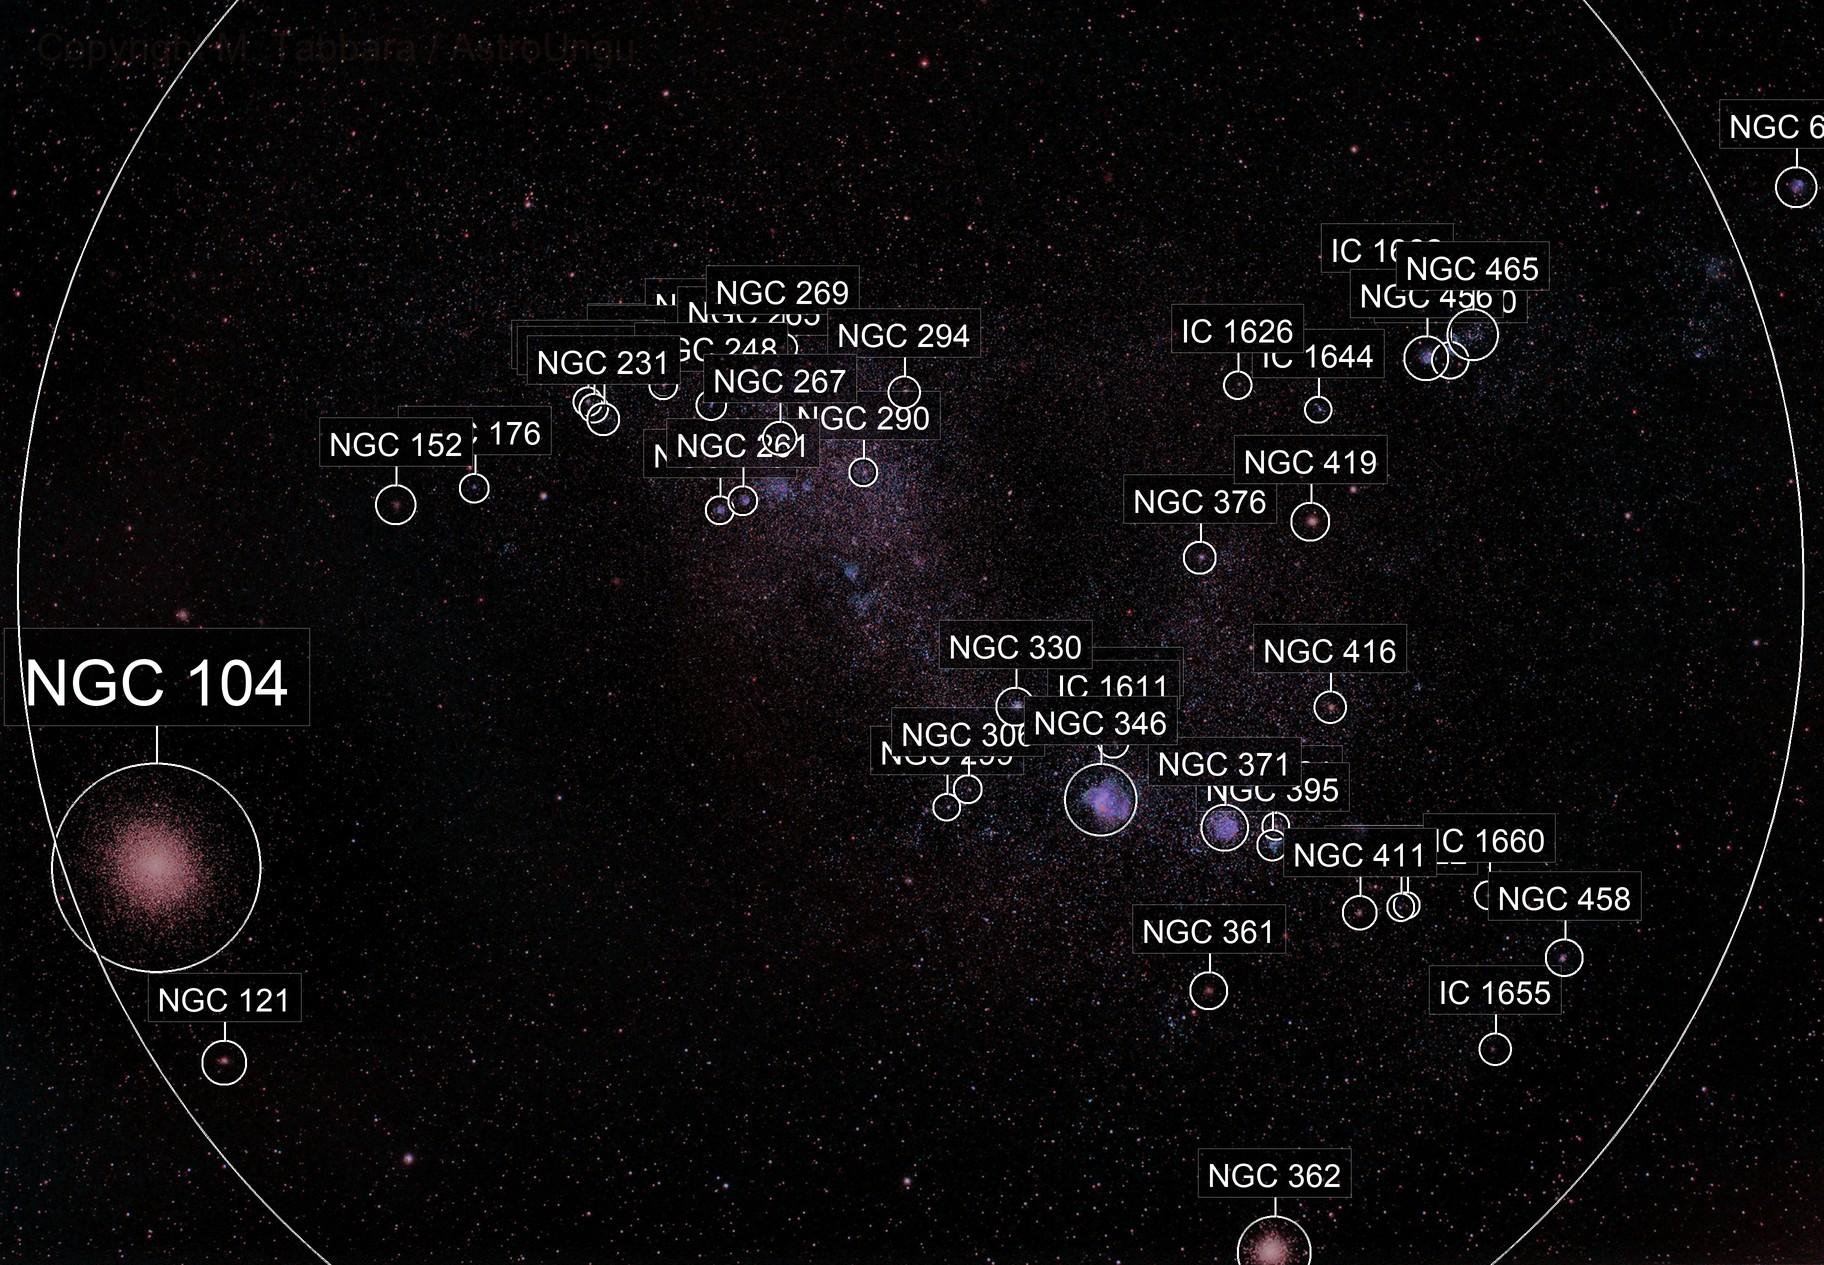 NGC 292